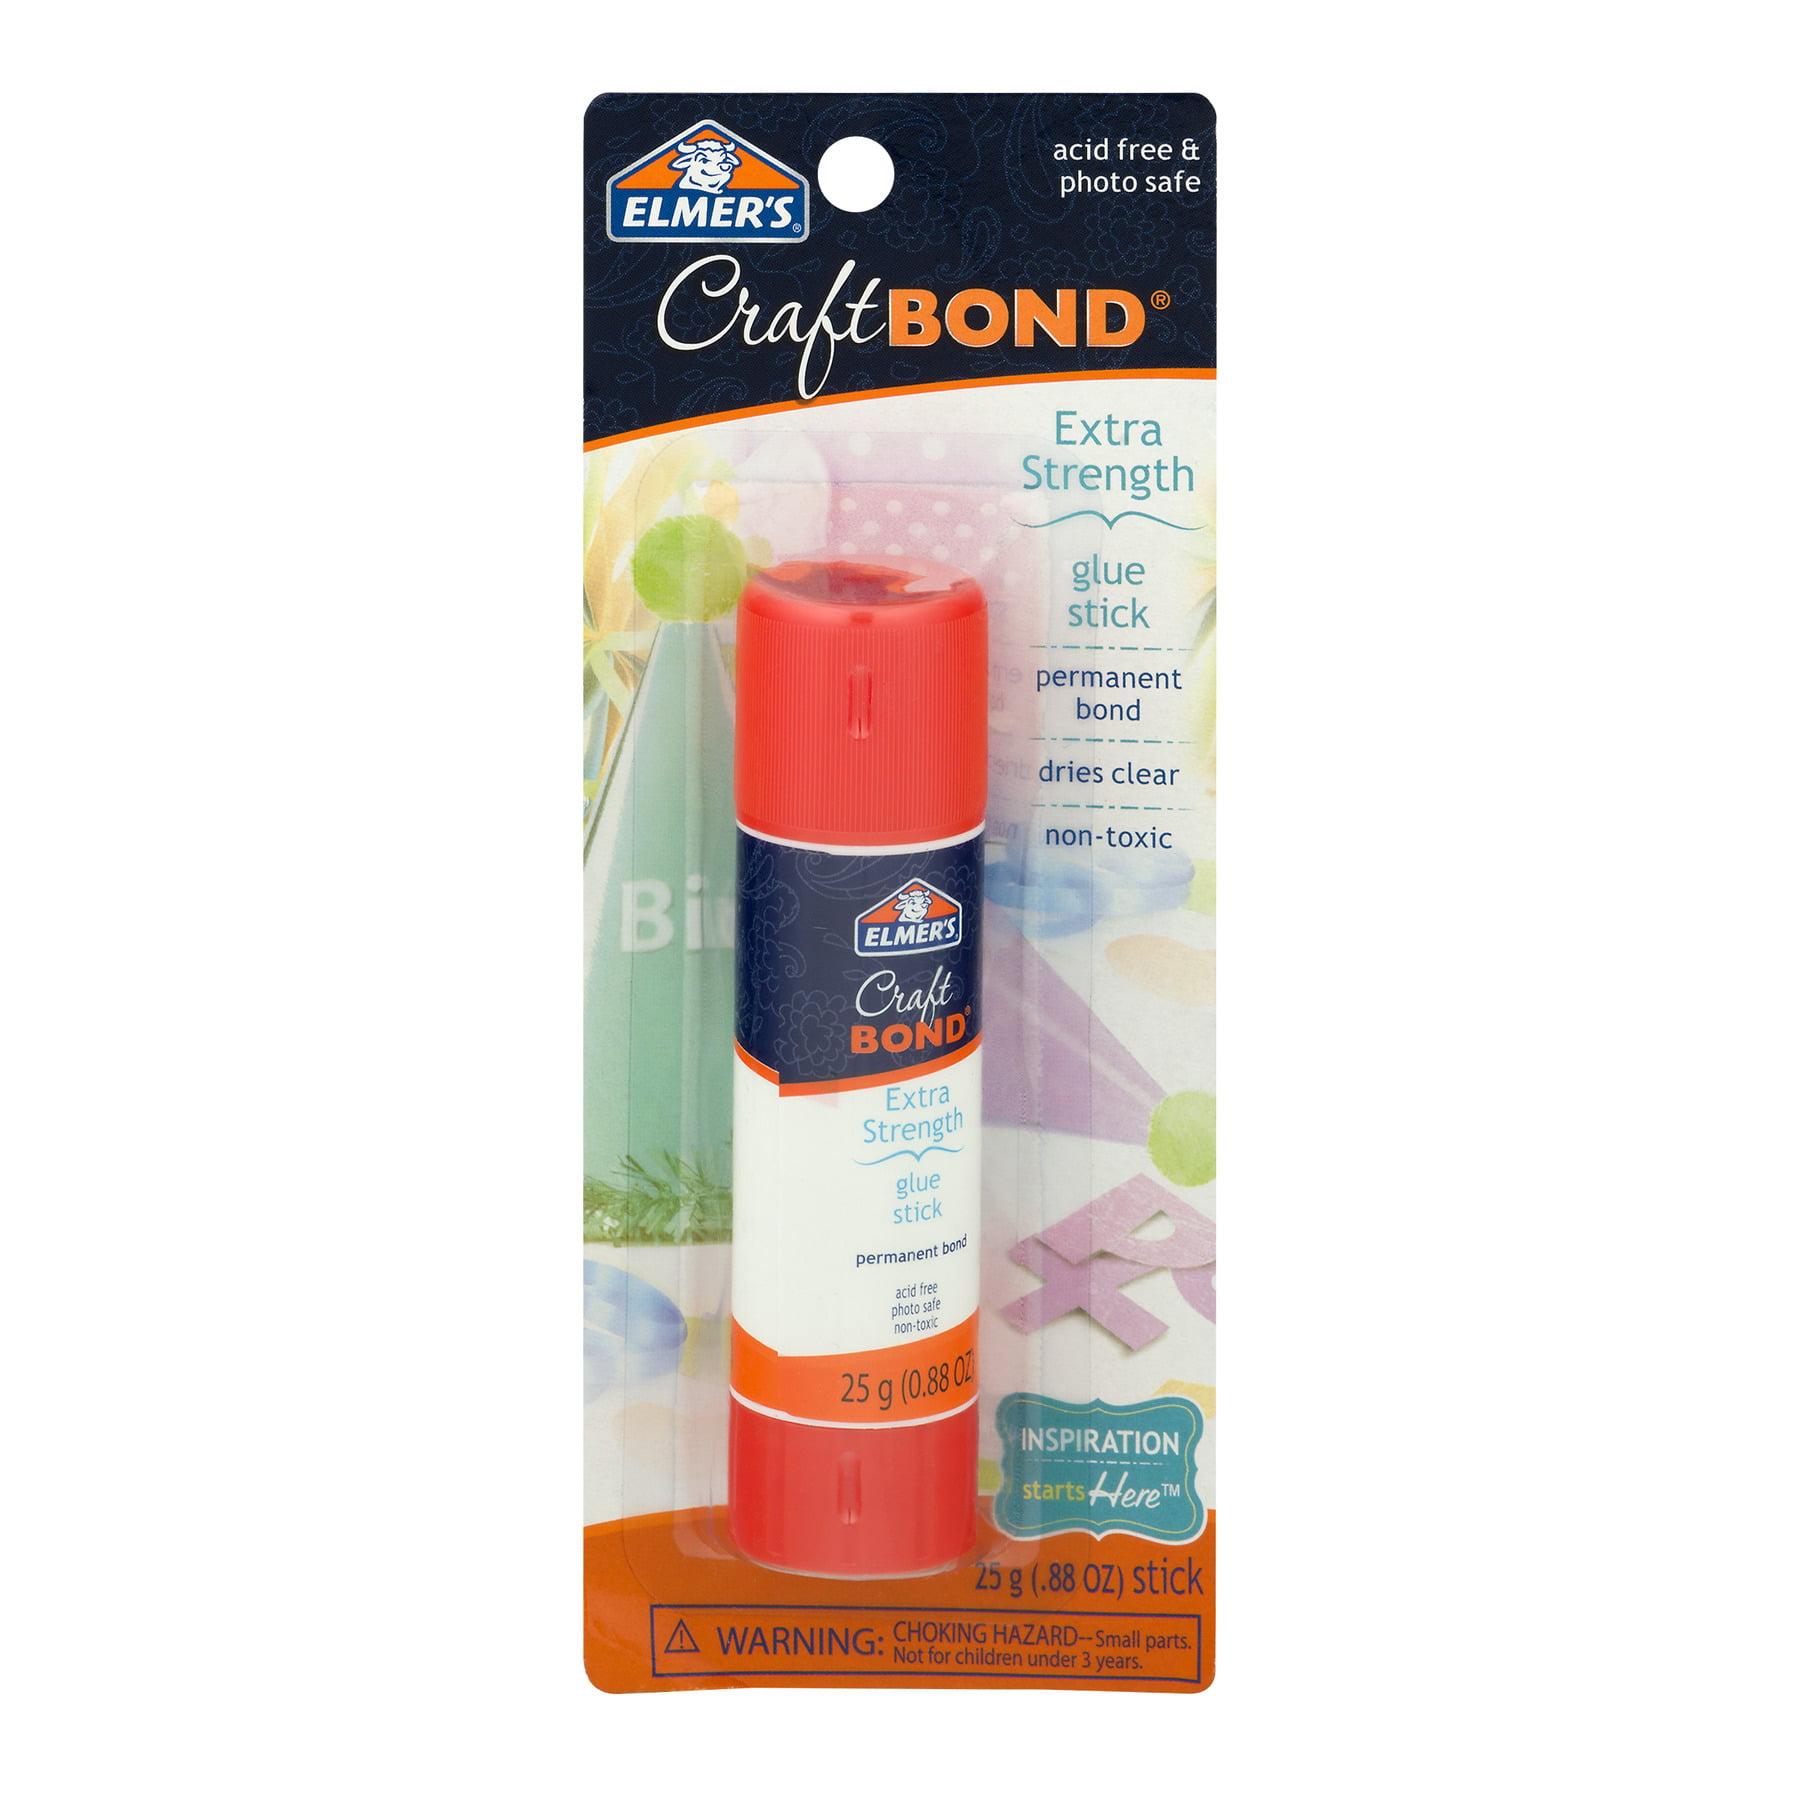 Elmer's Craft Bond Extra Strength Glue Stick, 0.88 OZ